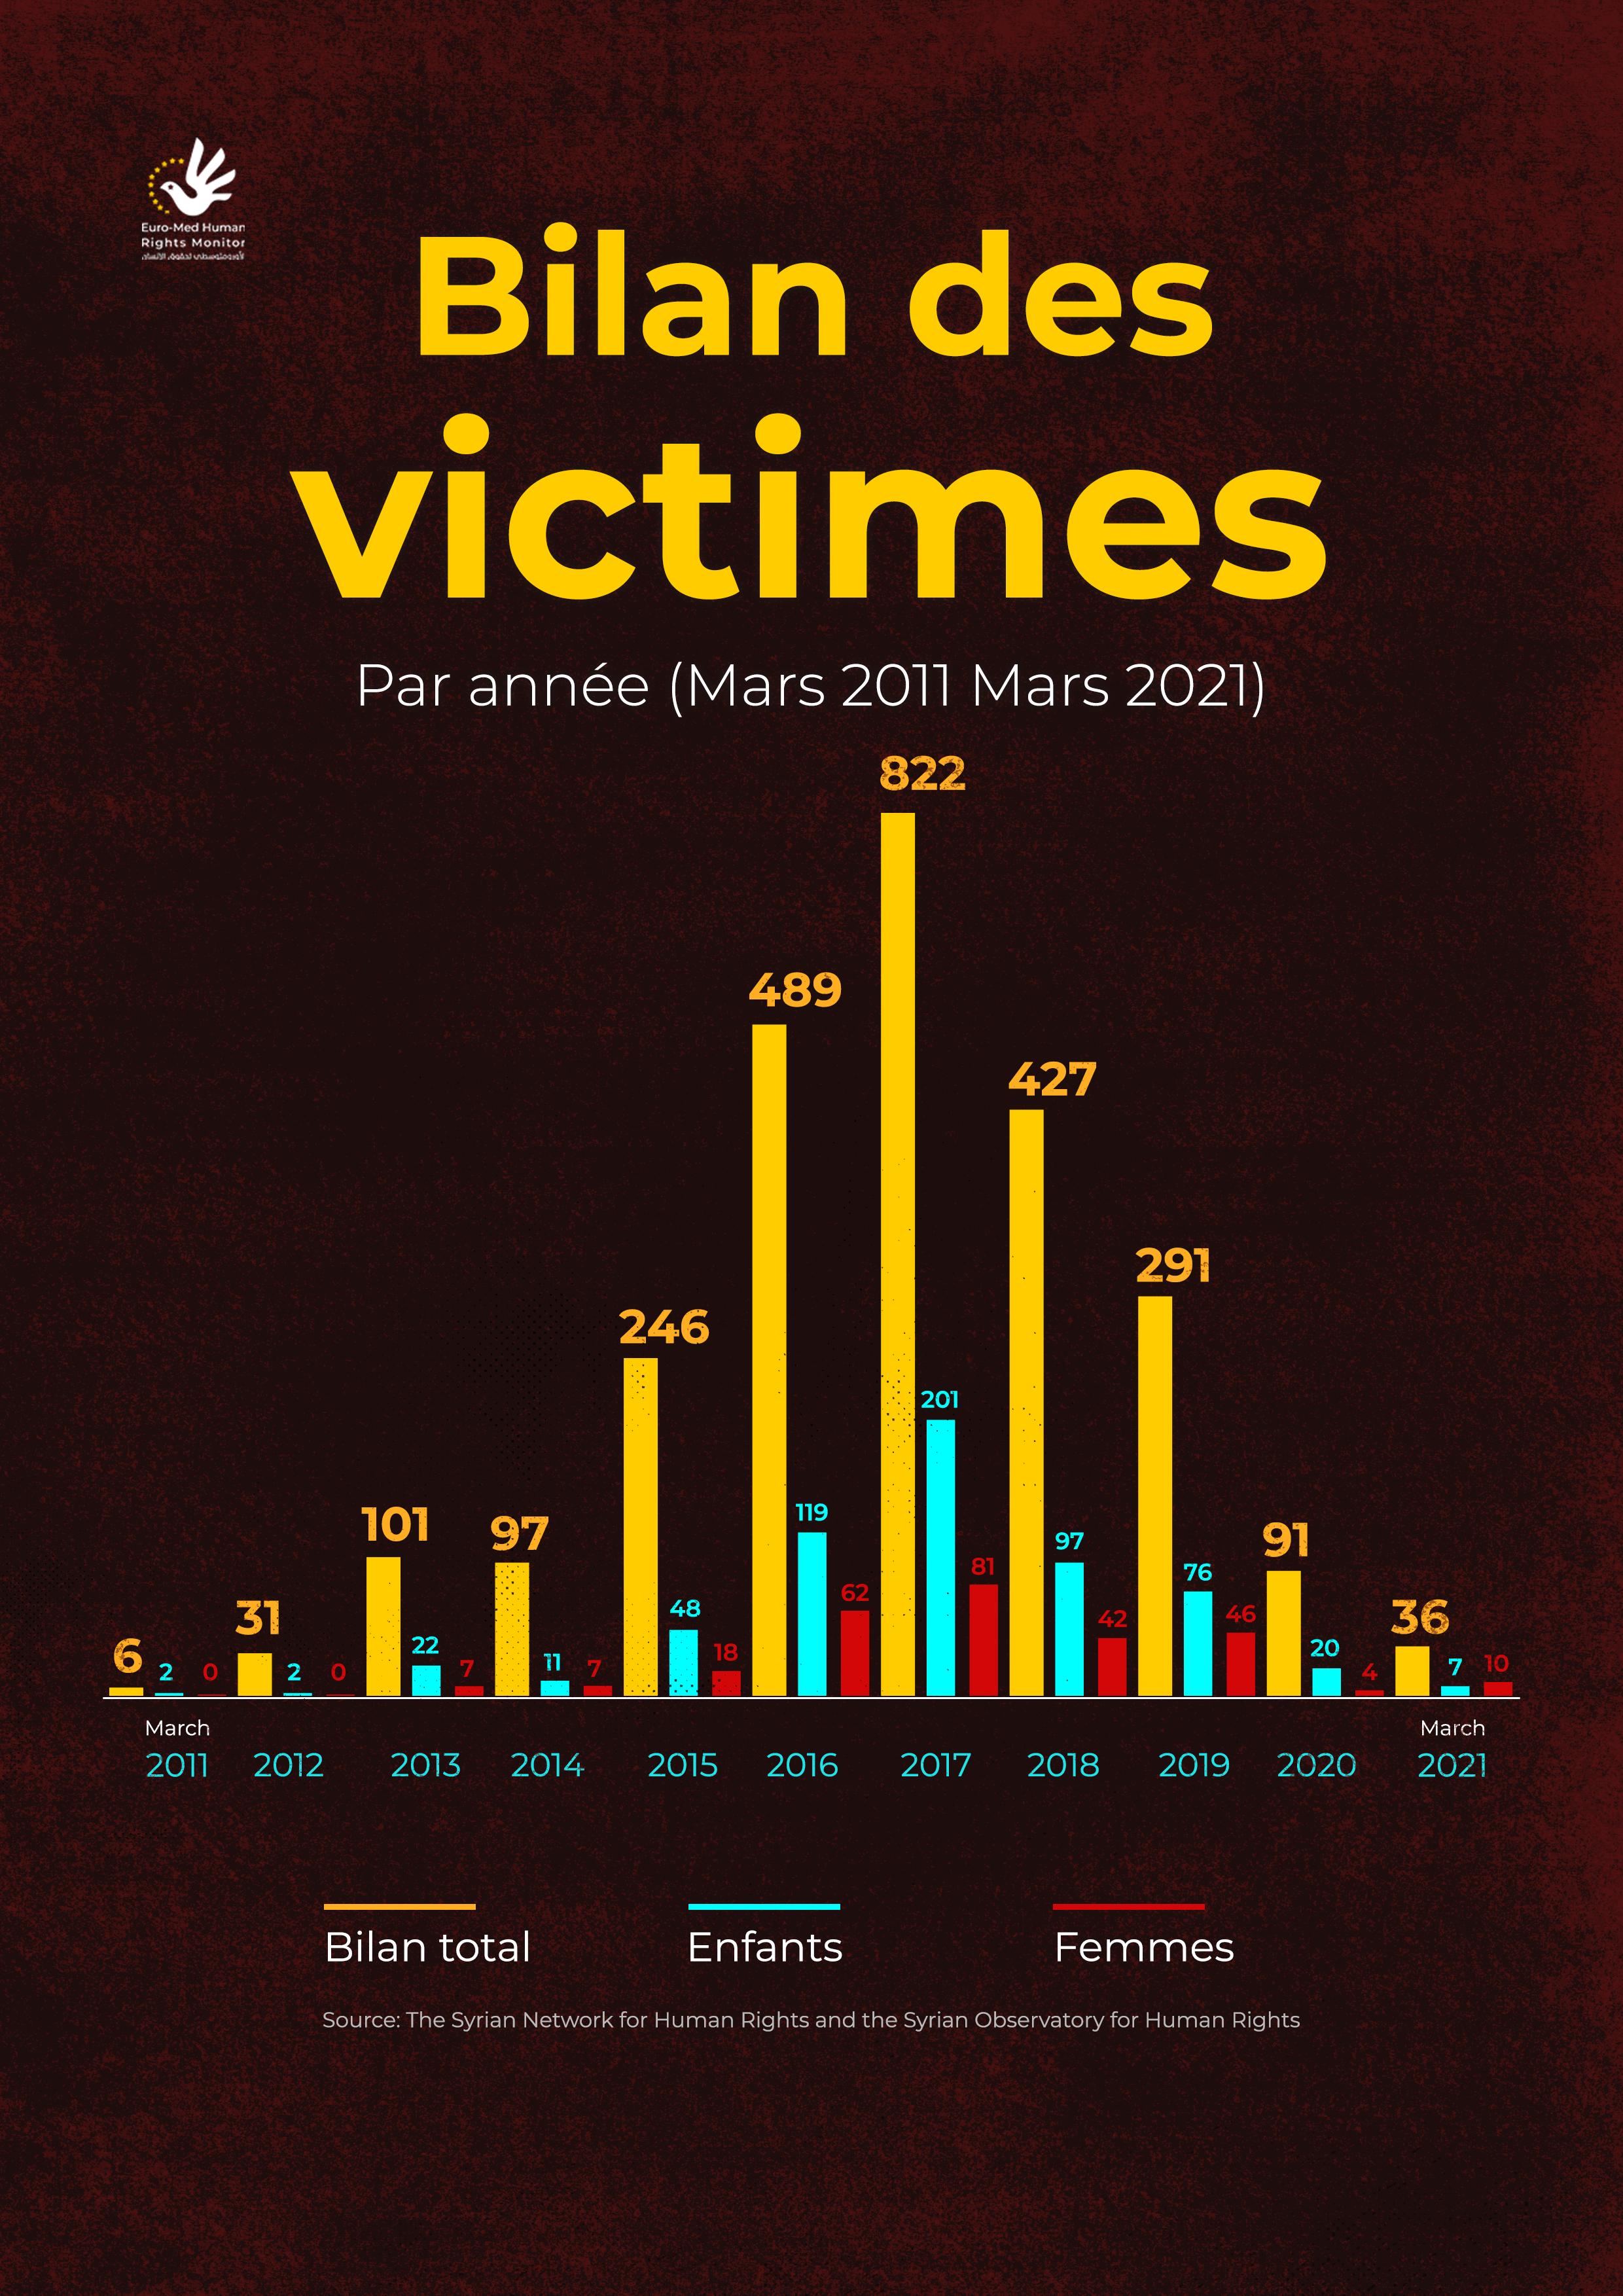 Bilan des victimes Par année (Mars 2011 Mars 2021)